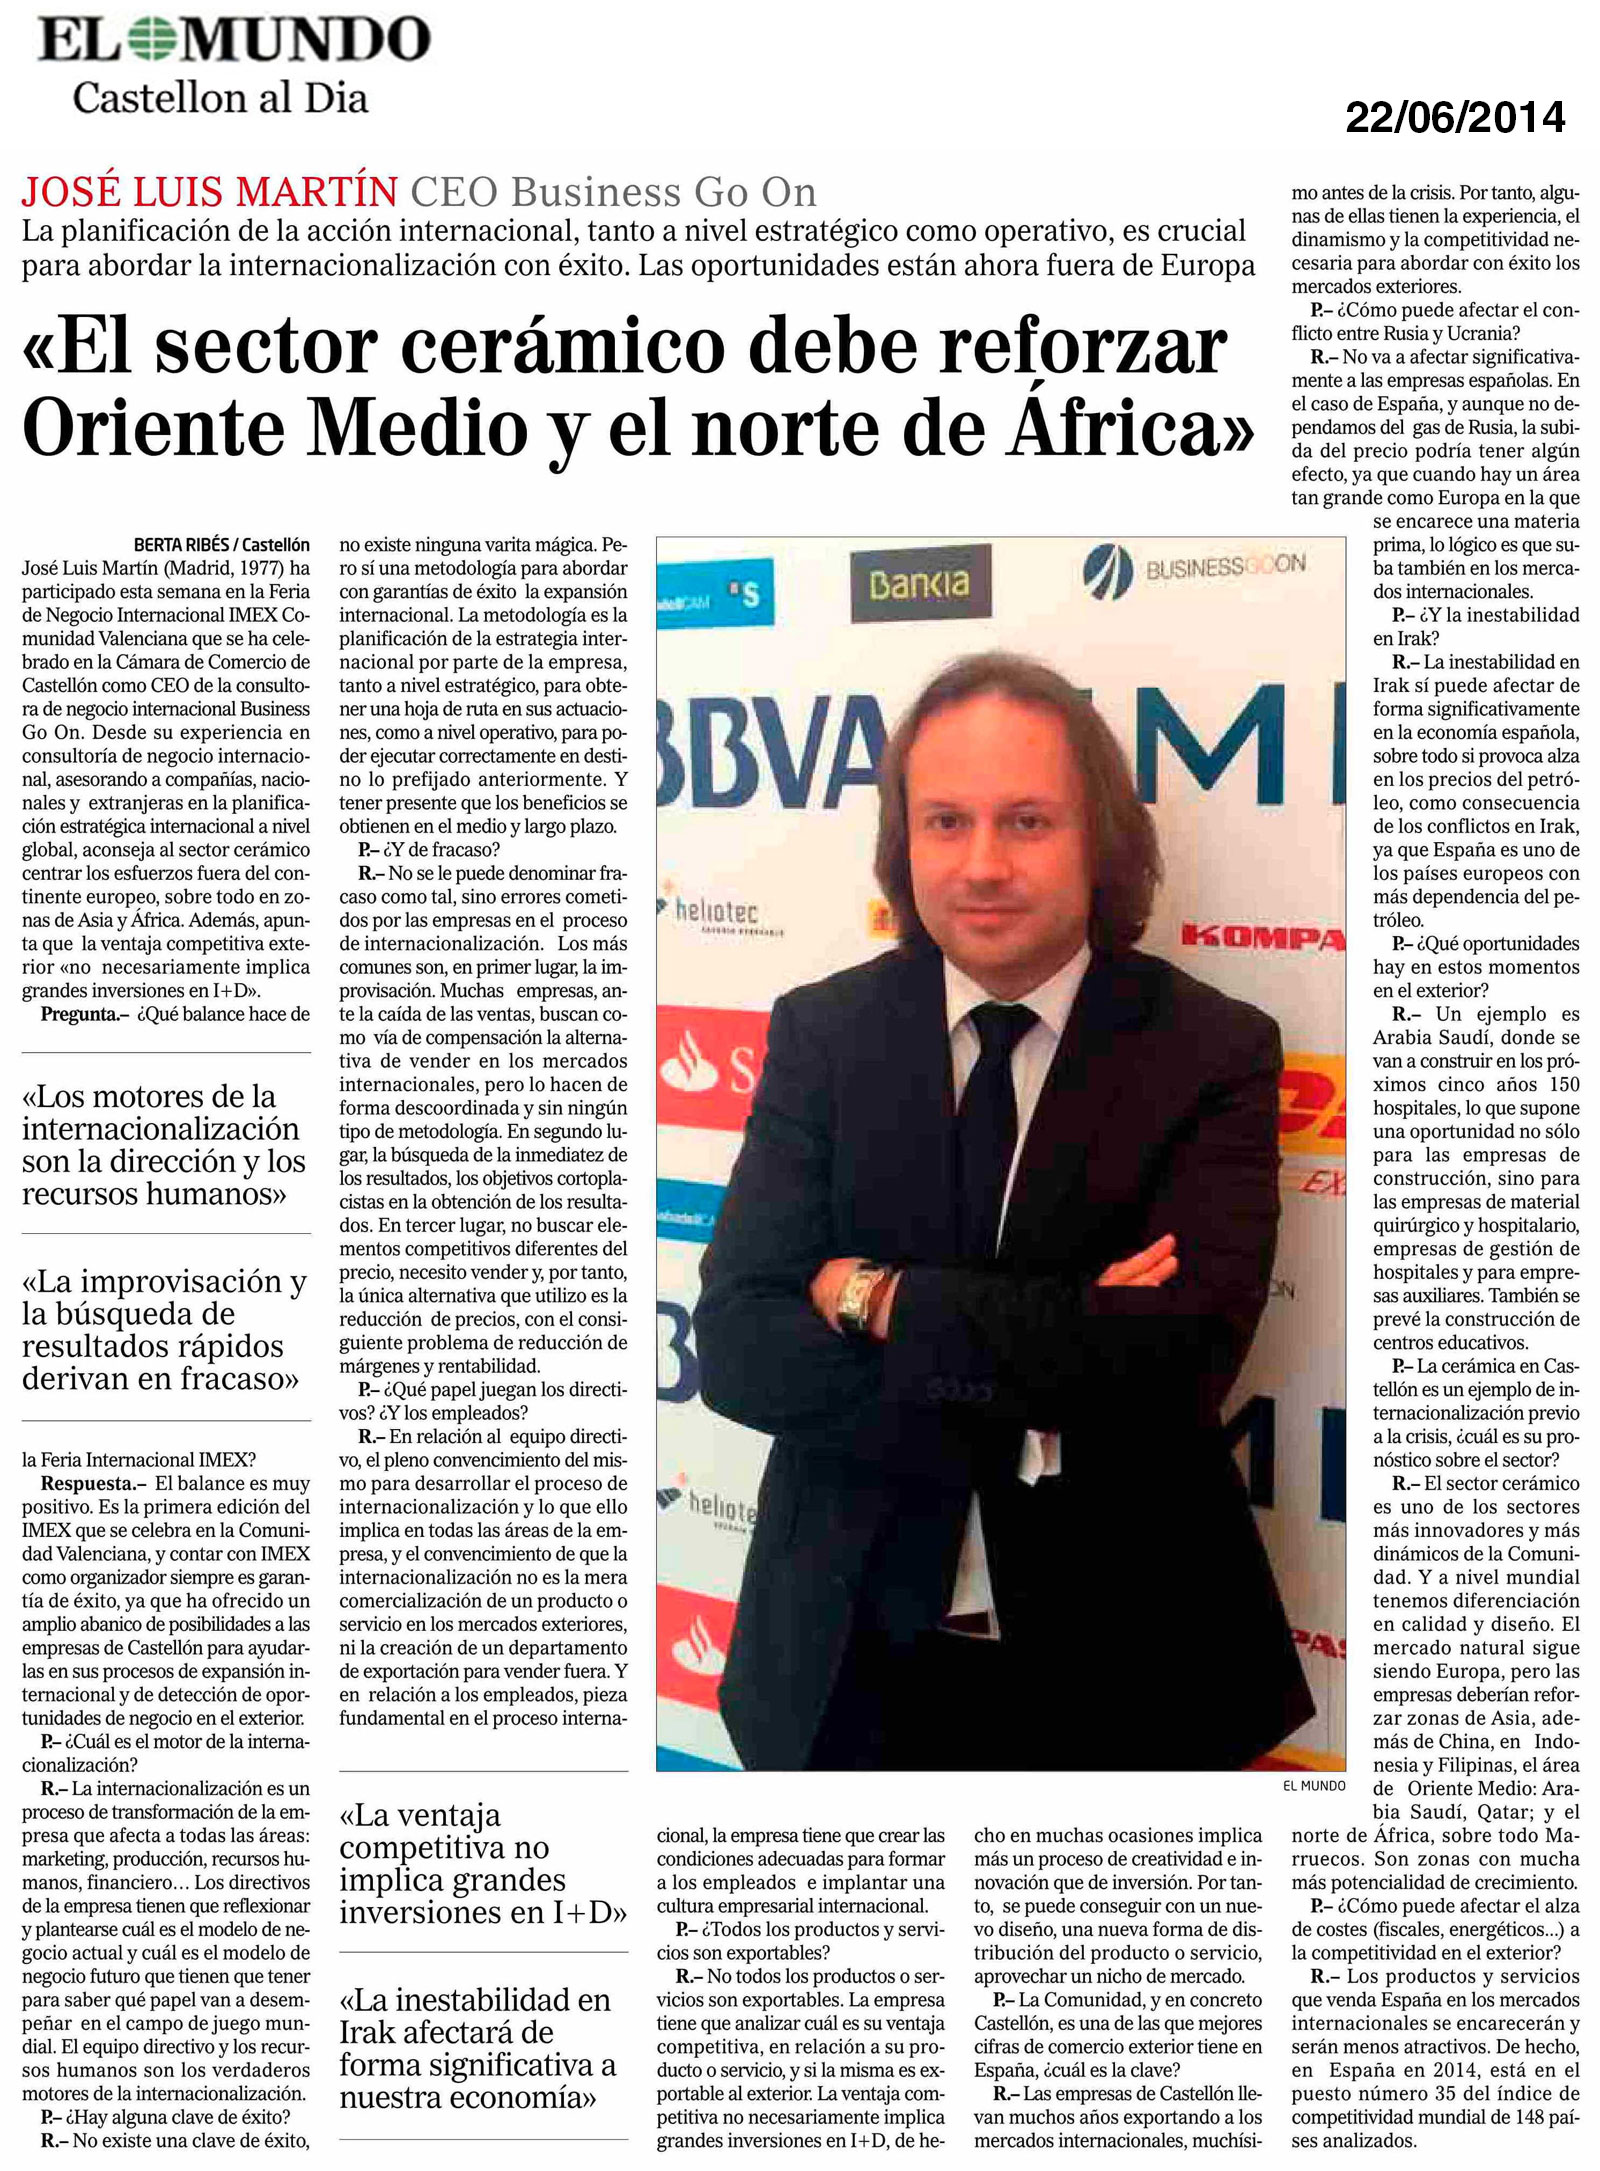 i14-cv-p-220614-elmundo